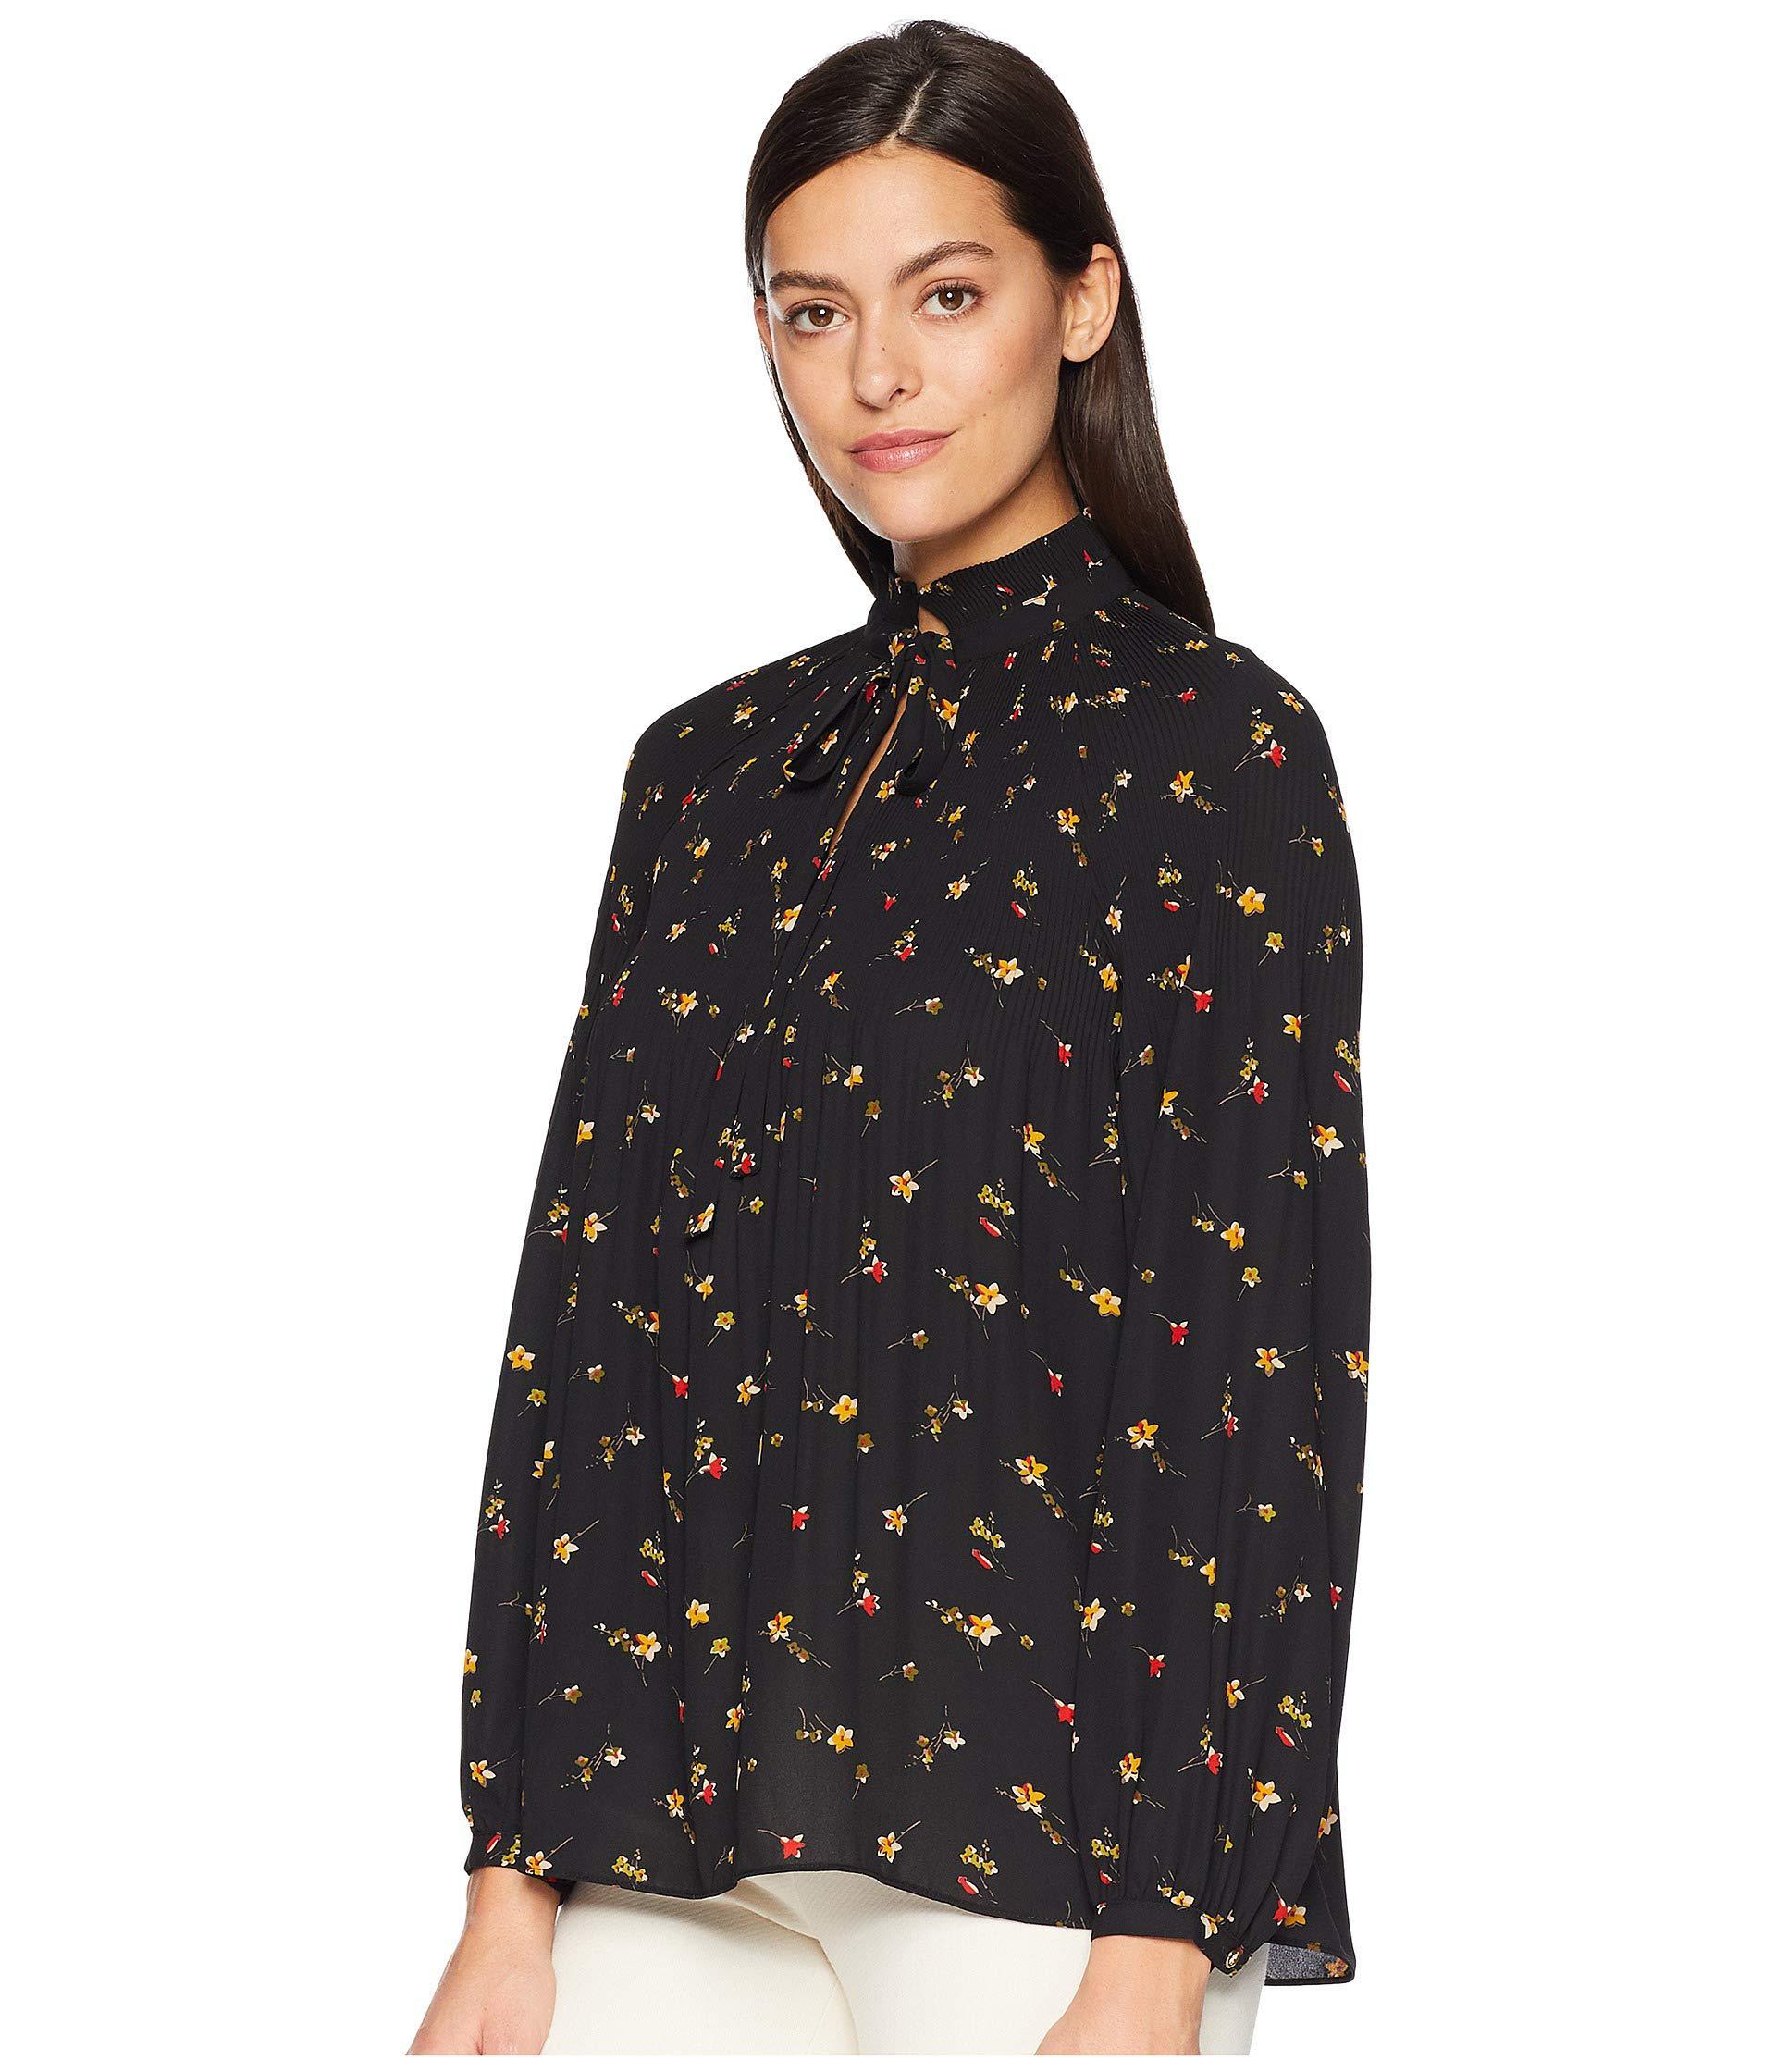 73ec7d6e885e9 Lyst - Lauren by Ralph Lauren Print Georgette Tie Neck Top in Black - Save  36%